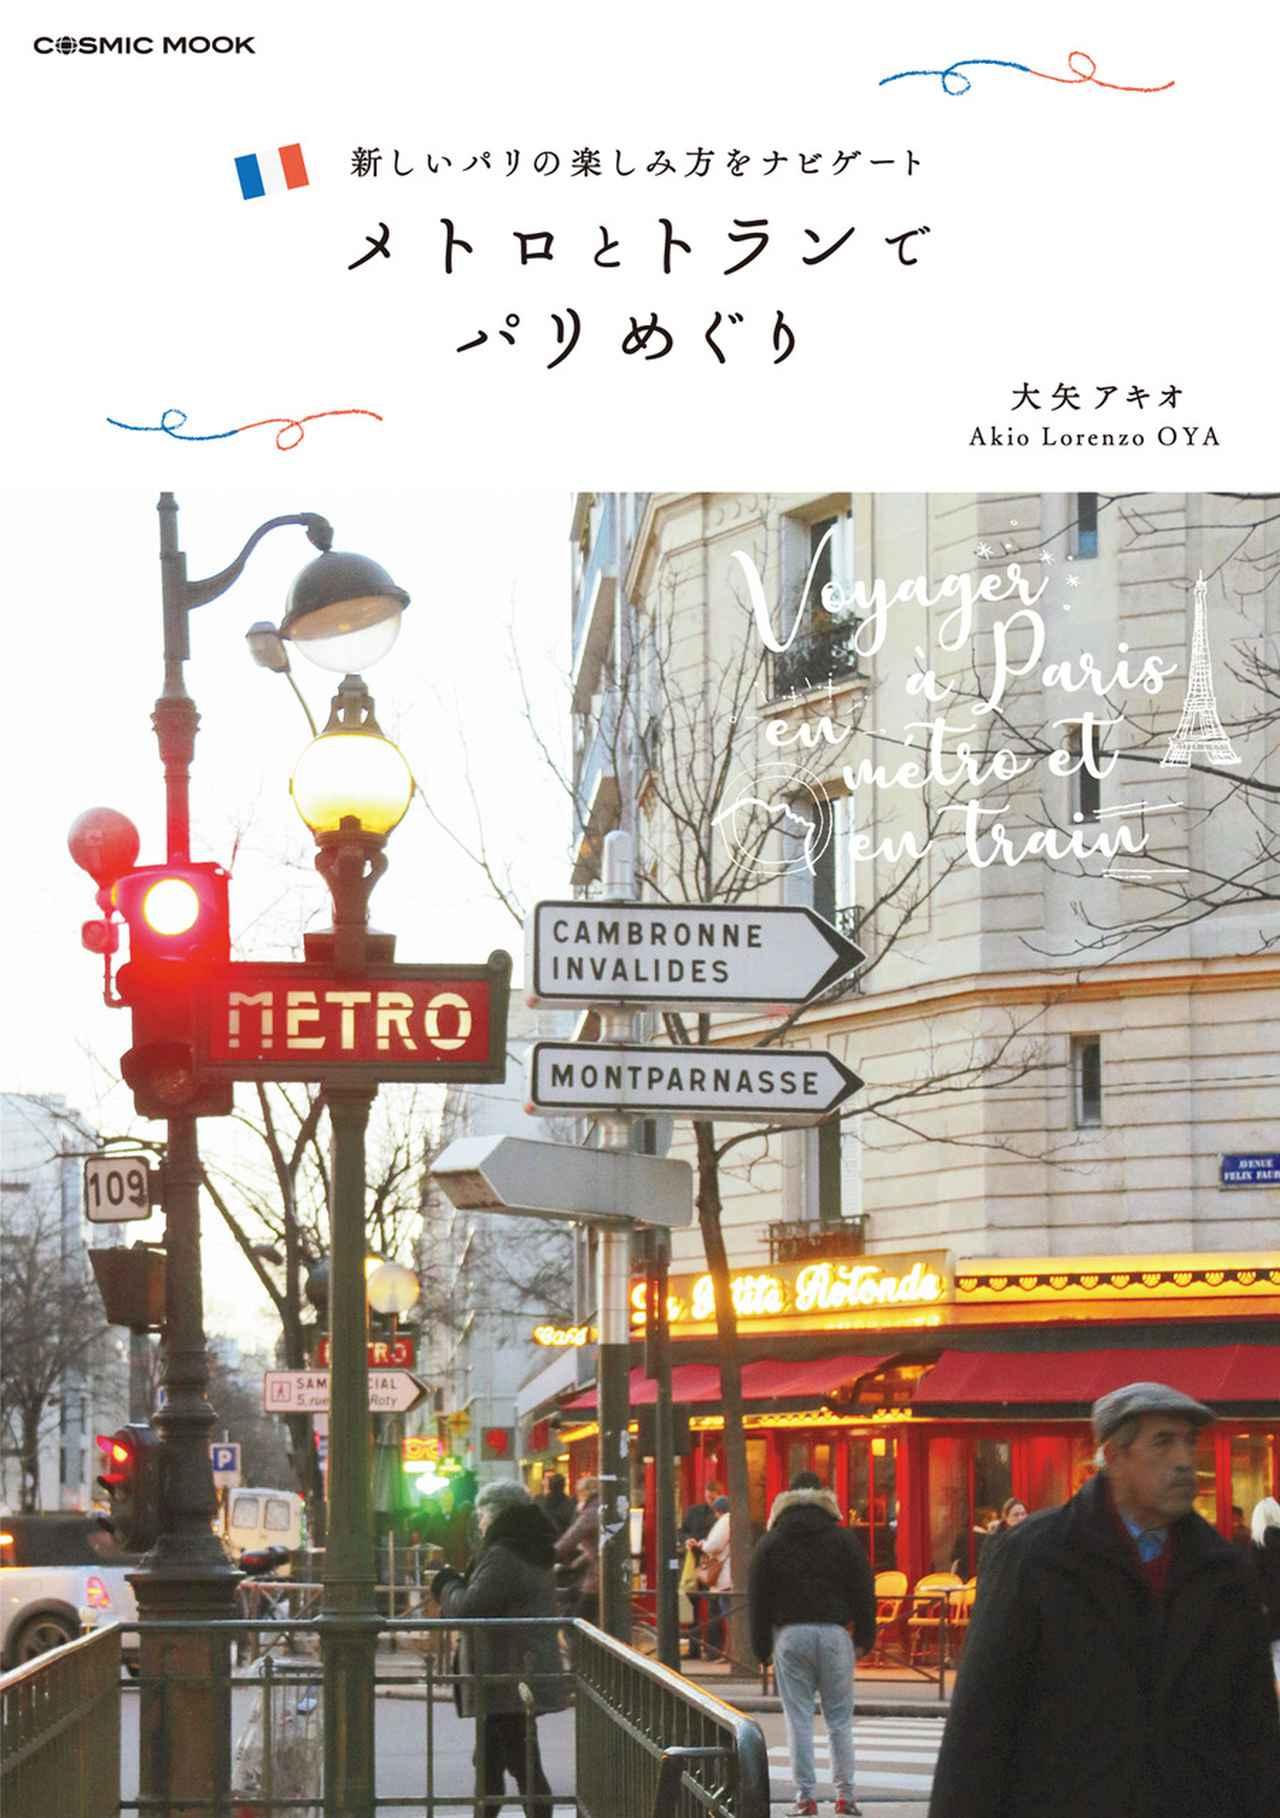 画像1: コラムニスト 大矢アキオさんの最新著書『メトロとトランでパリめぐり』